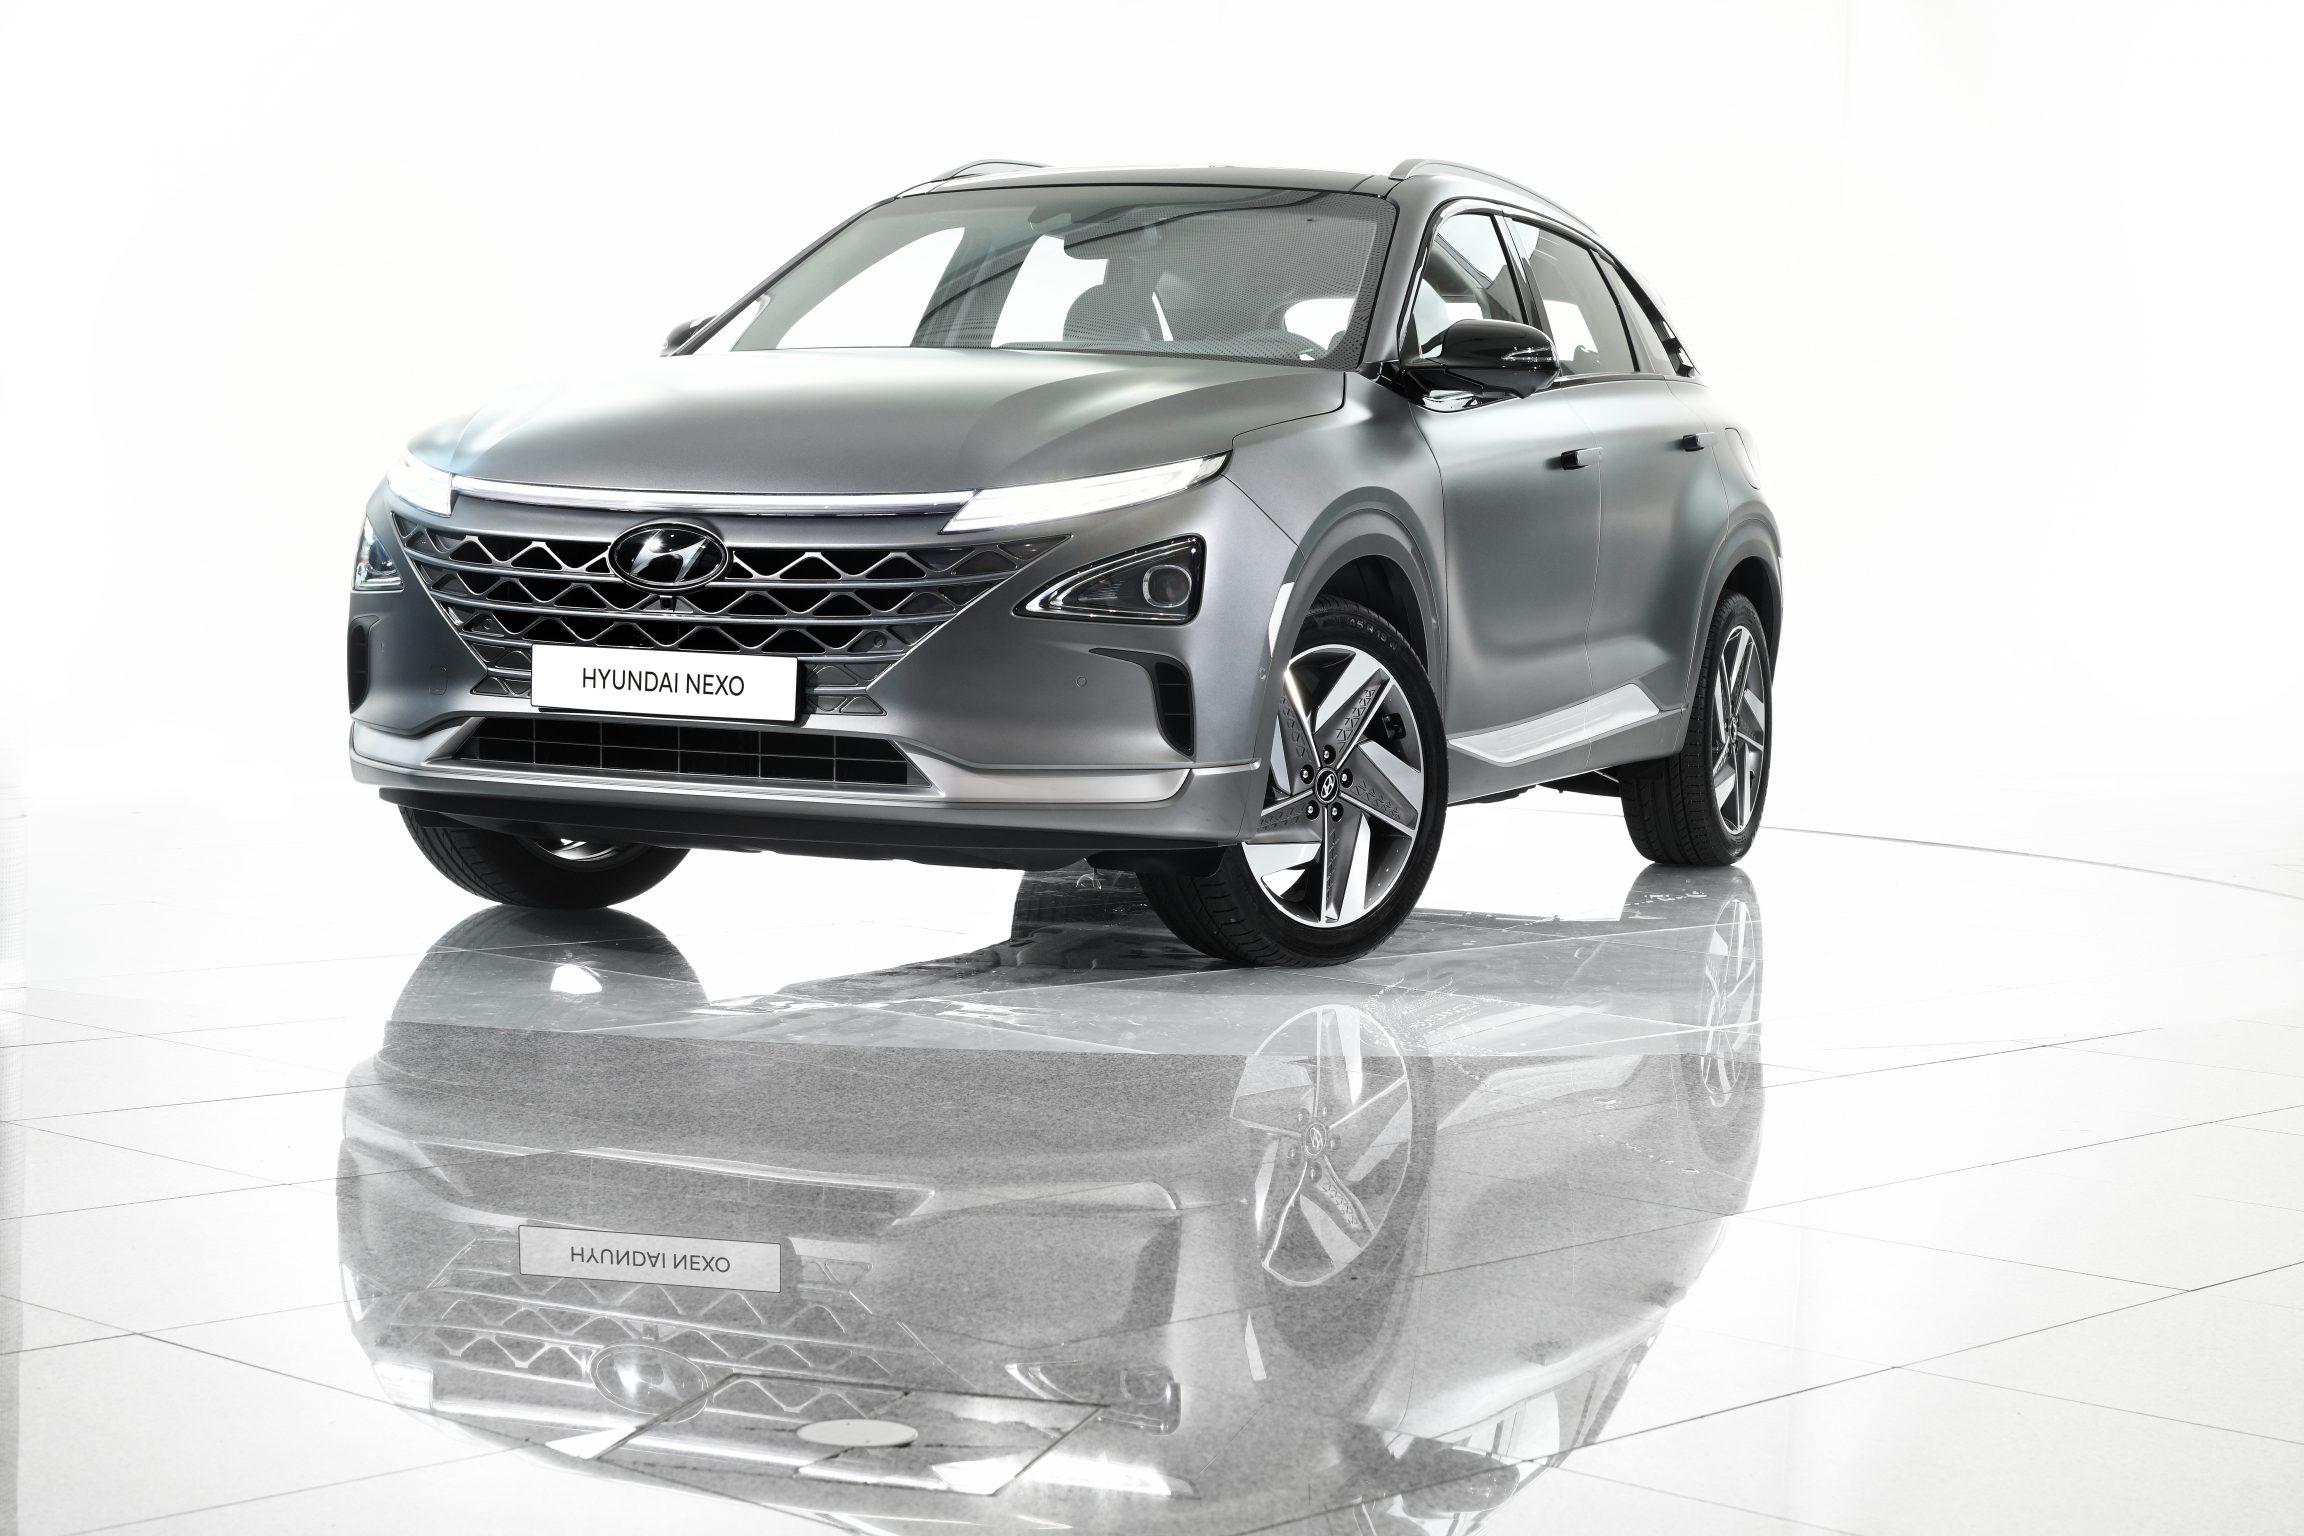 Afbeelding voor Hyundai maakt de prijzen van de nieuwe waterstofauto NEXO bekend